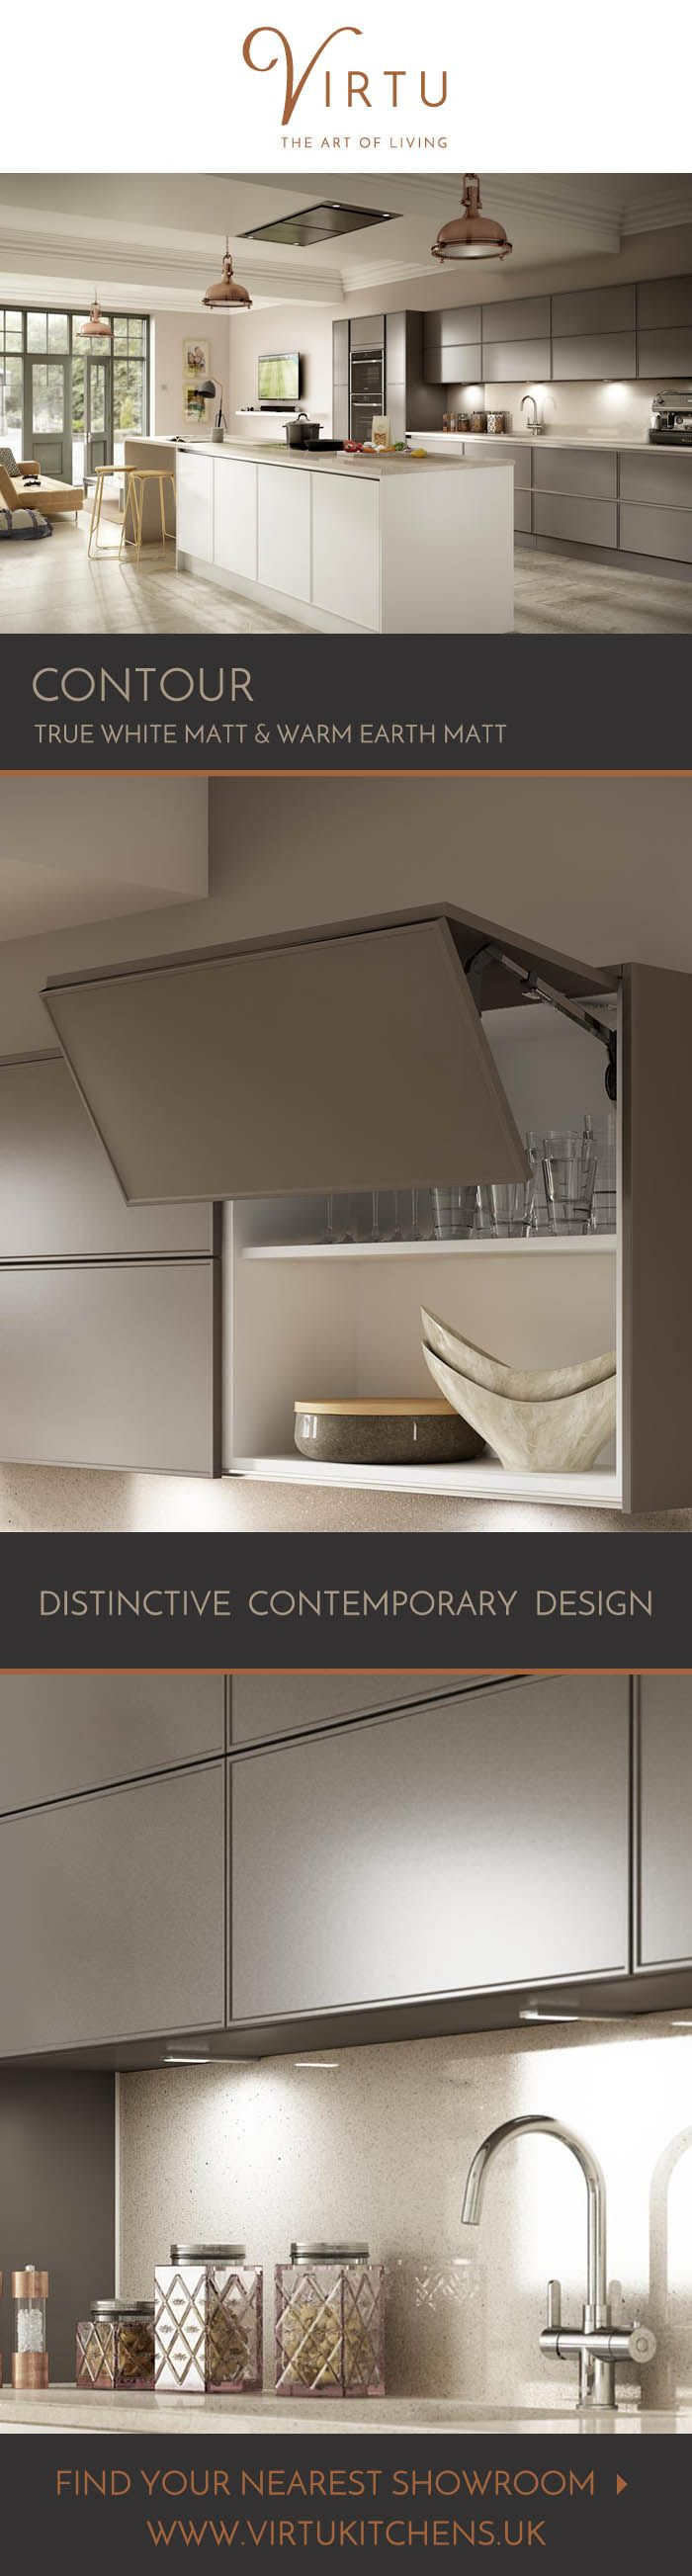 11 best STRATO CUCINE images on Pinterest | Luxury kitchens, Kitchen ...